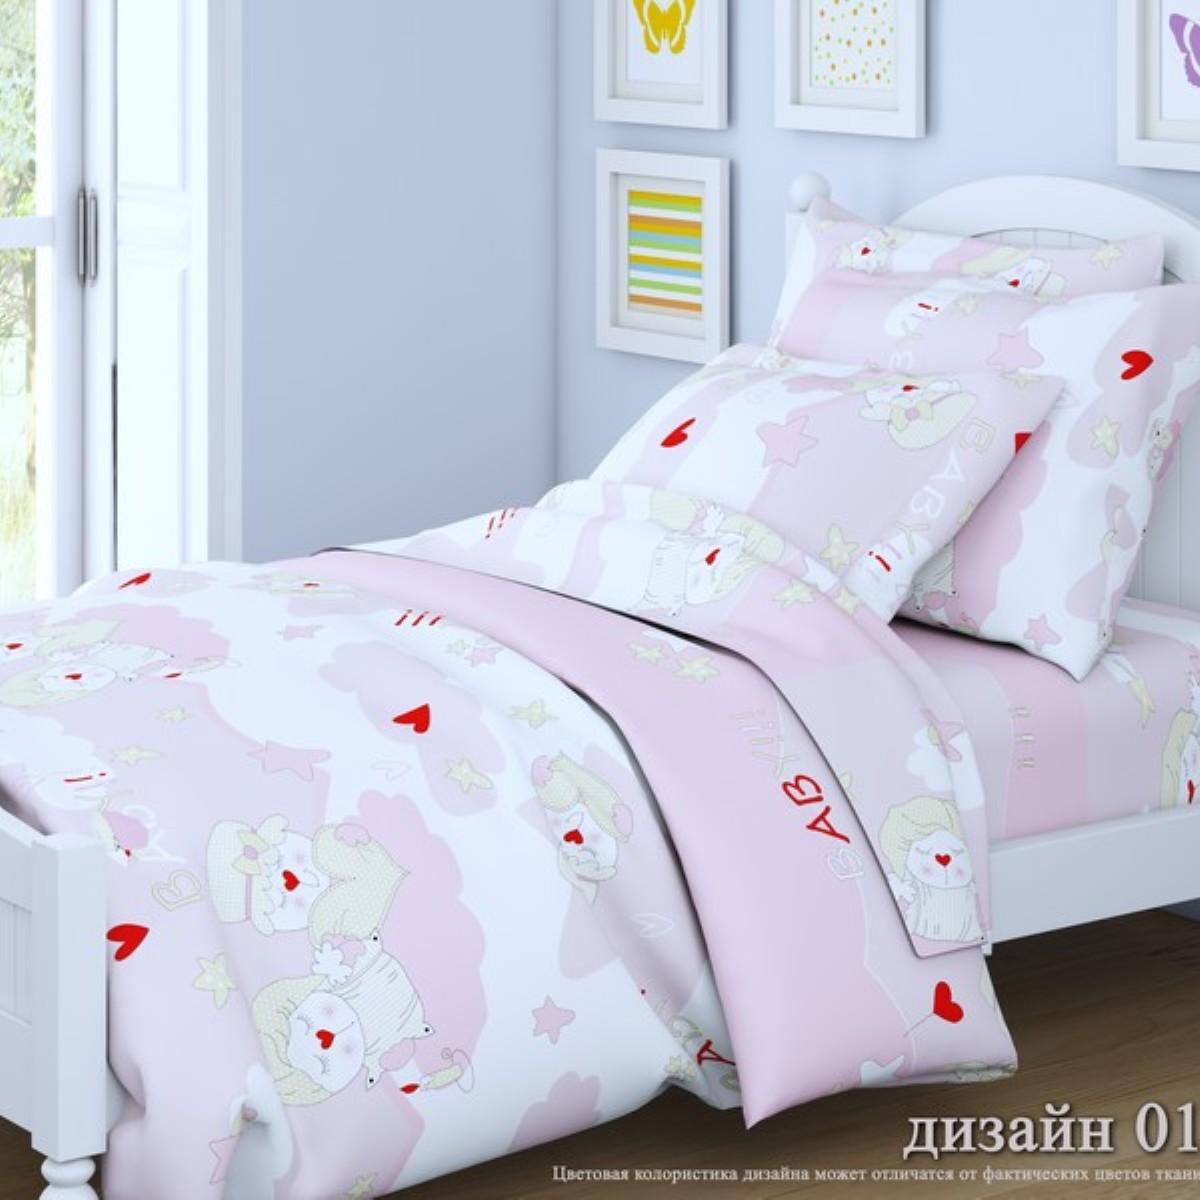 Letto Комплект в кроватку цвет белый, розовый BG-82